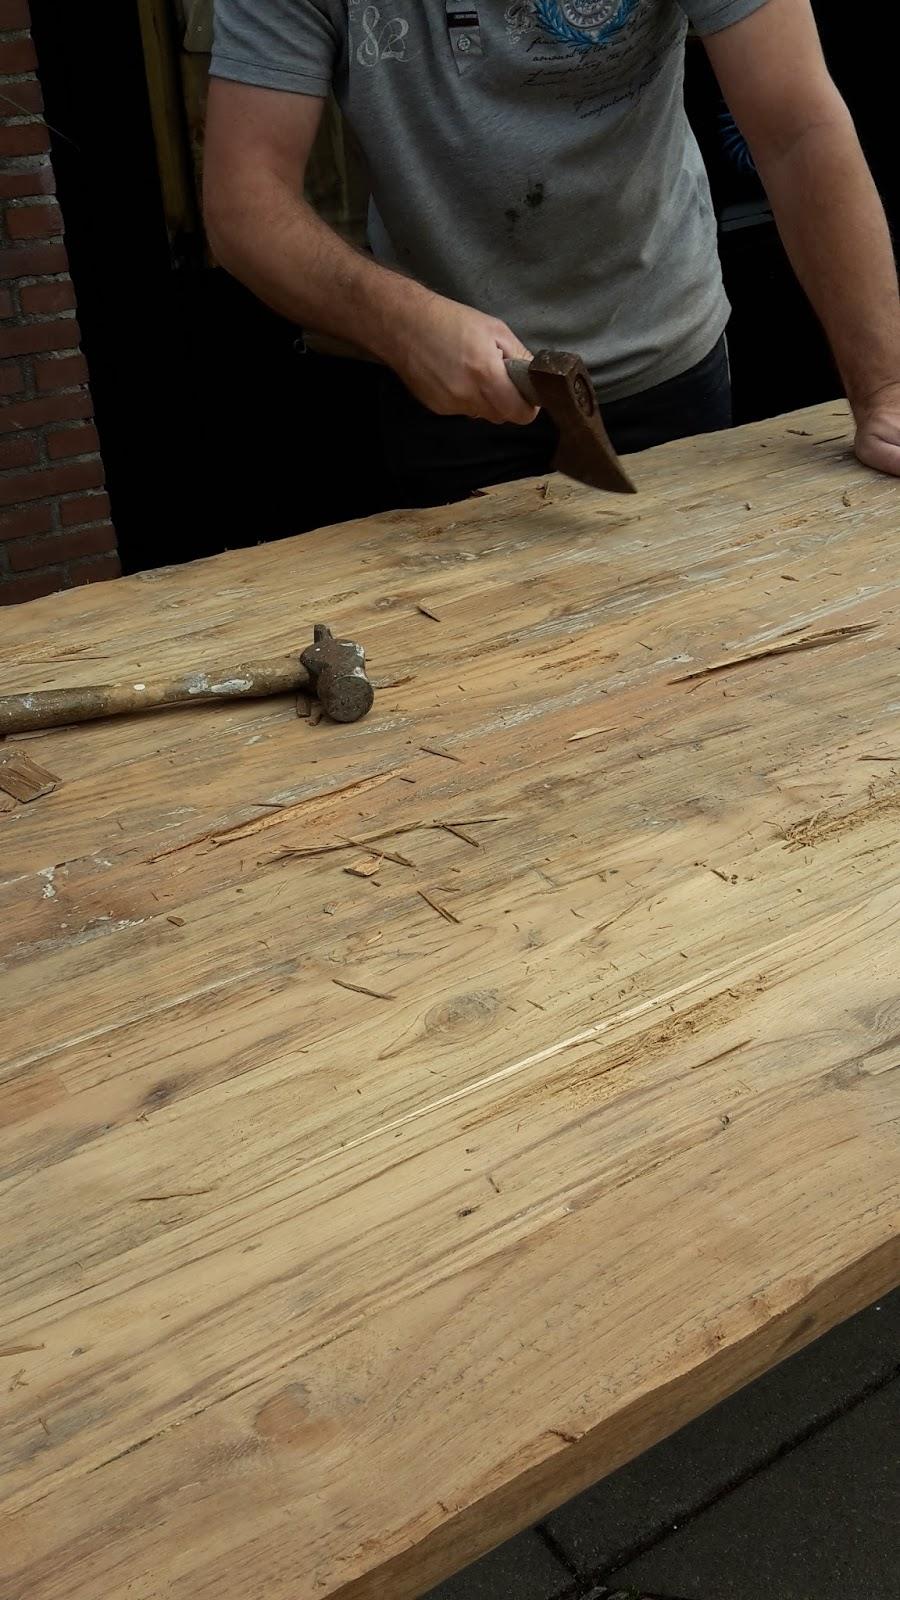 Top wonen in je eigen stijl: teak houten tafel beitsen CJ09